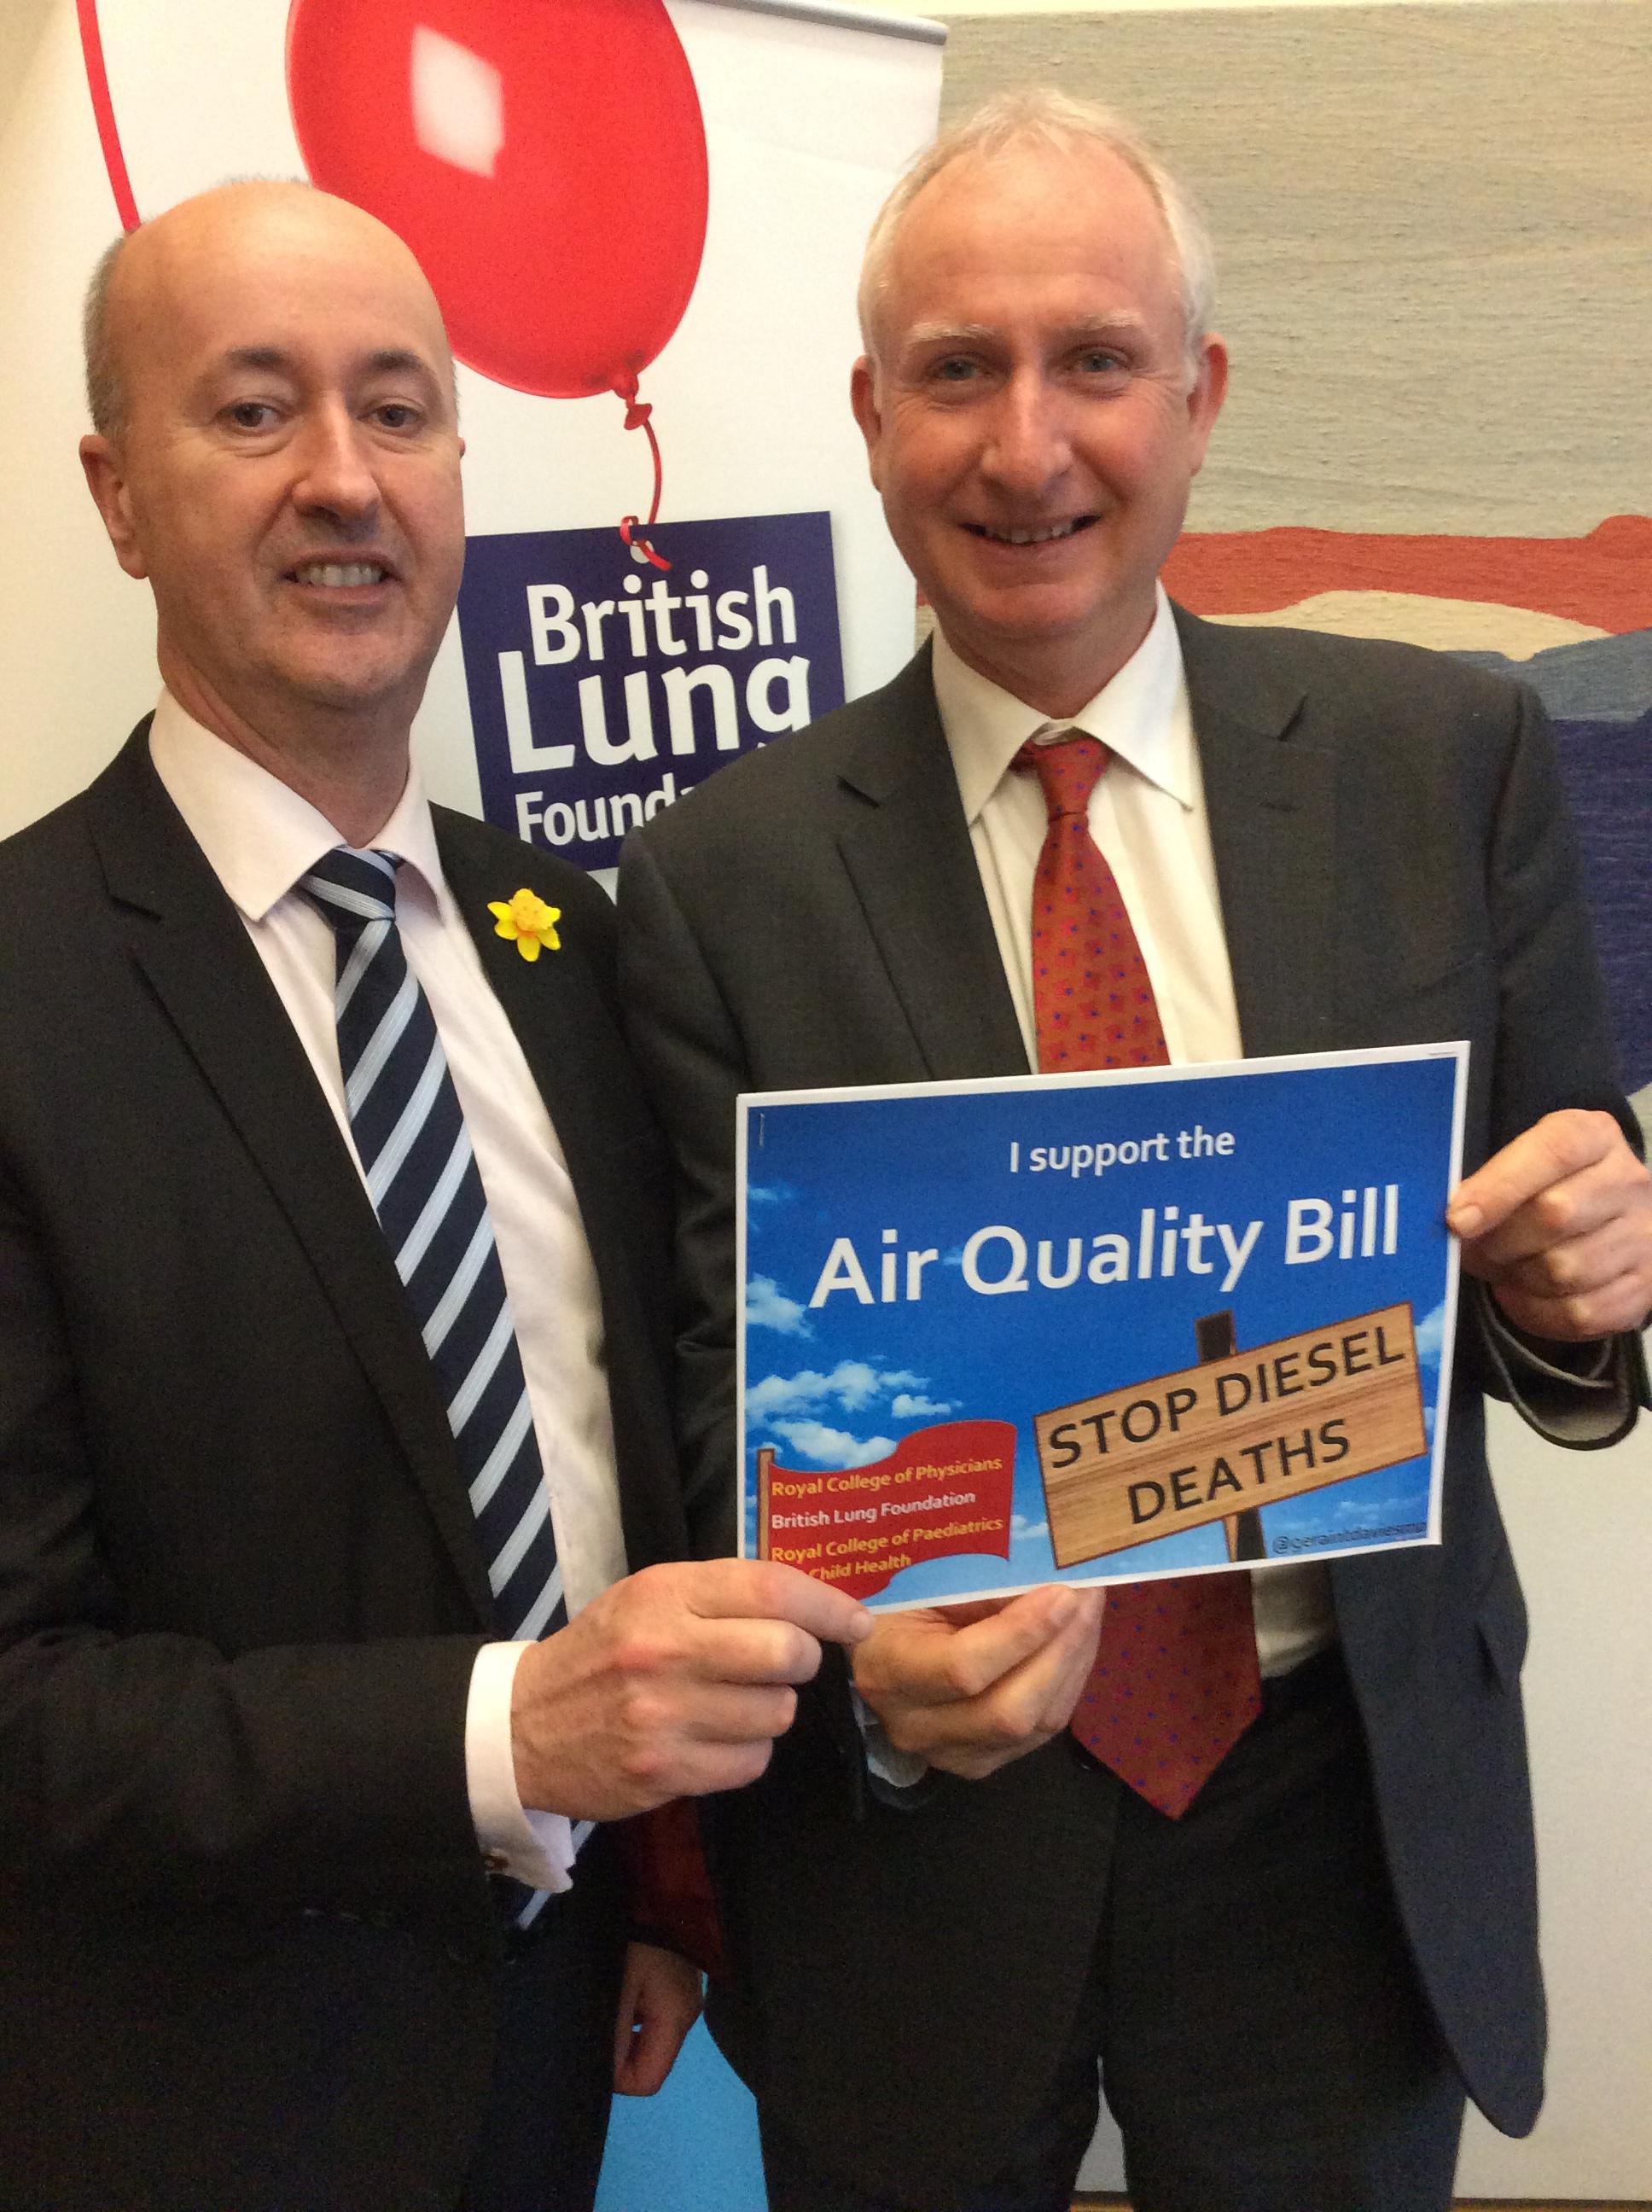 Air_Quality_Bill.jpeg